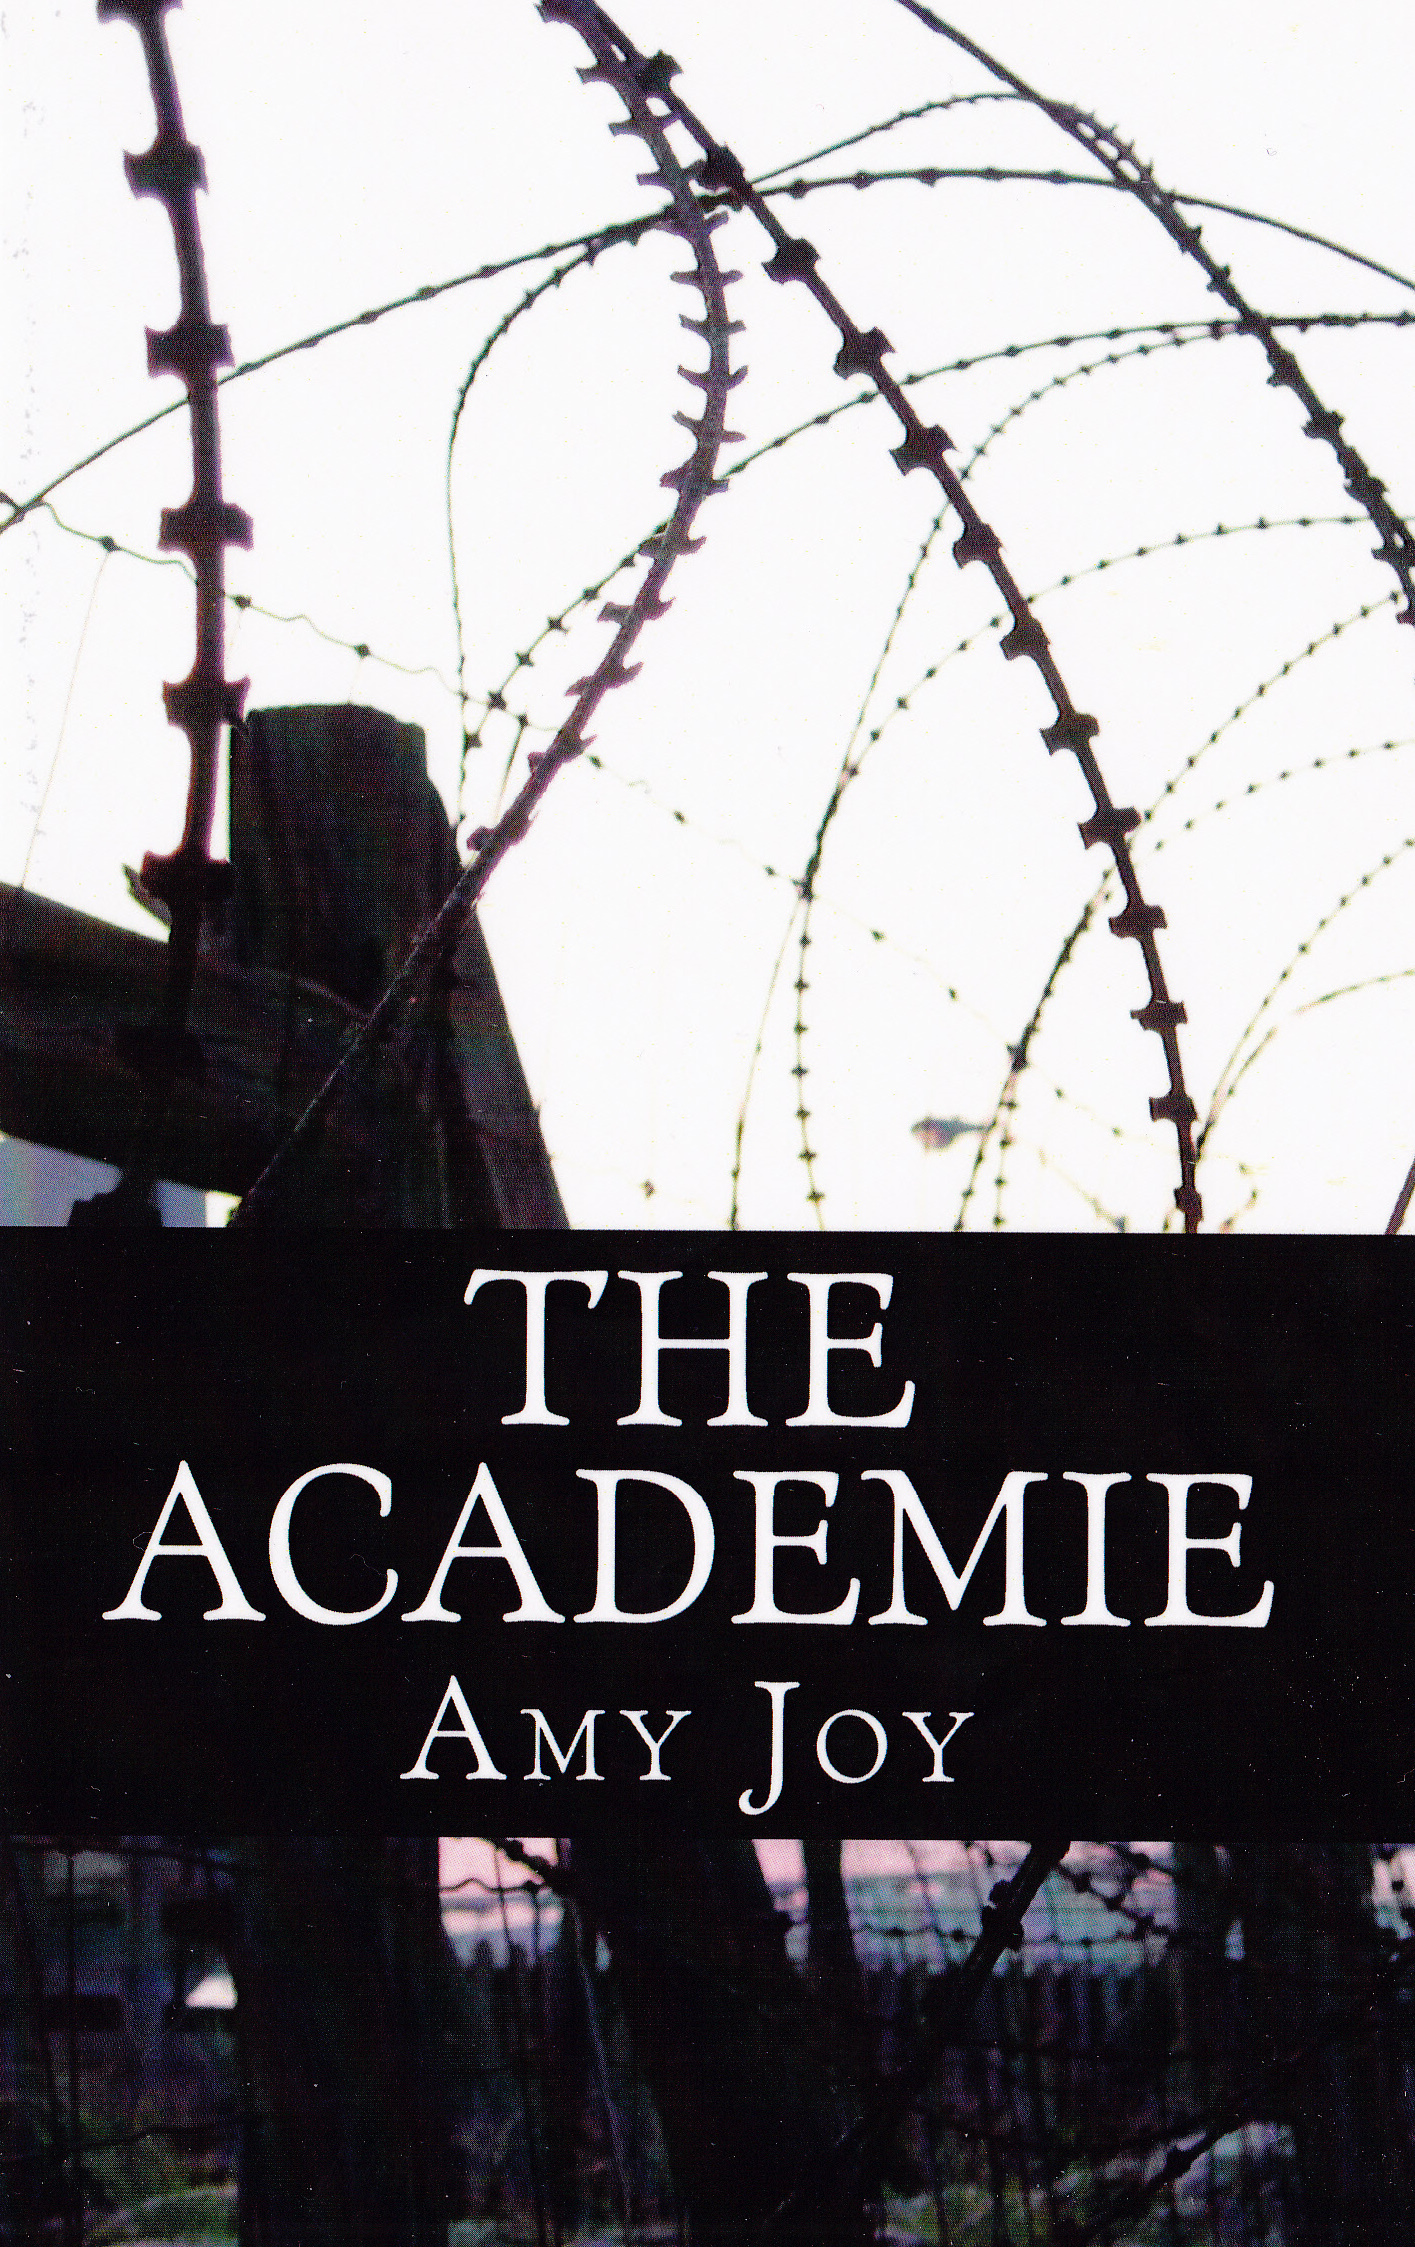 The Academie